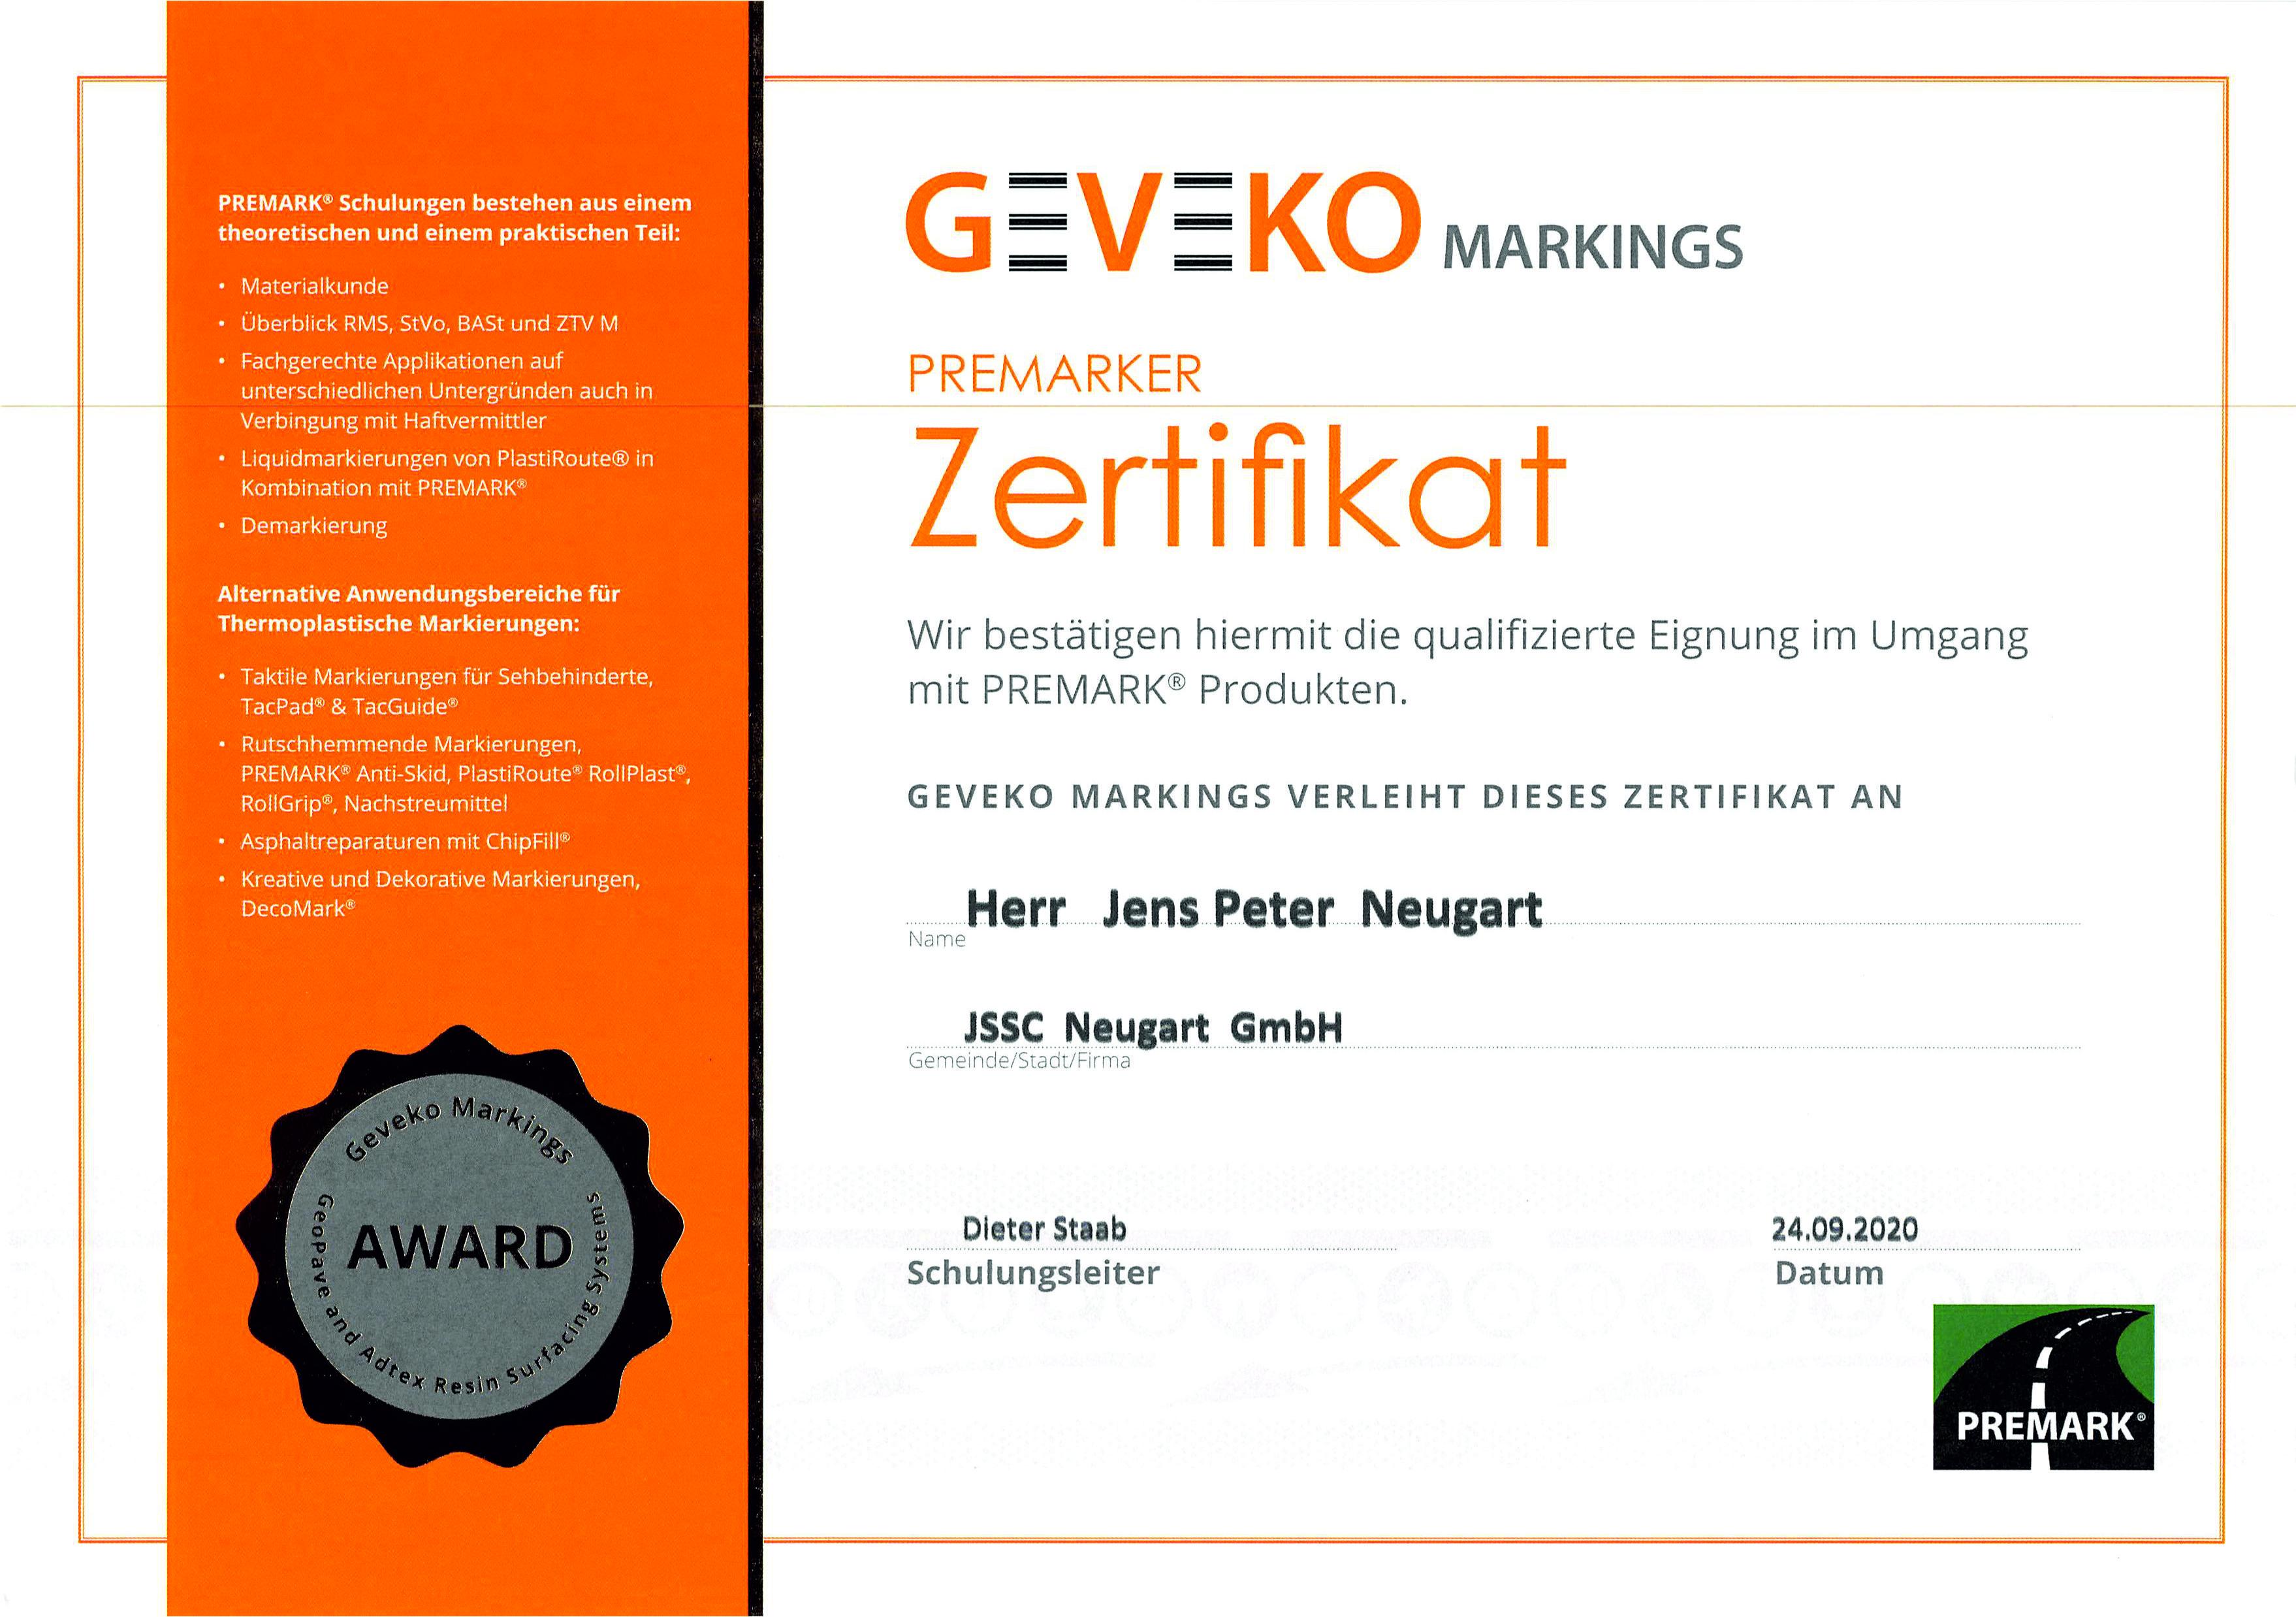 Zertifikat_Premarker Schulung Jens-Peter